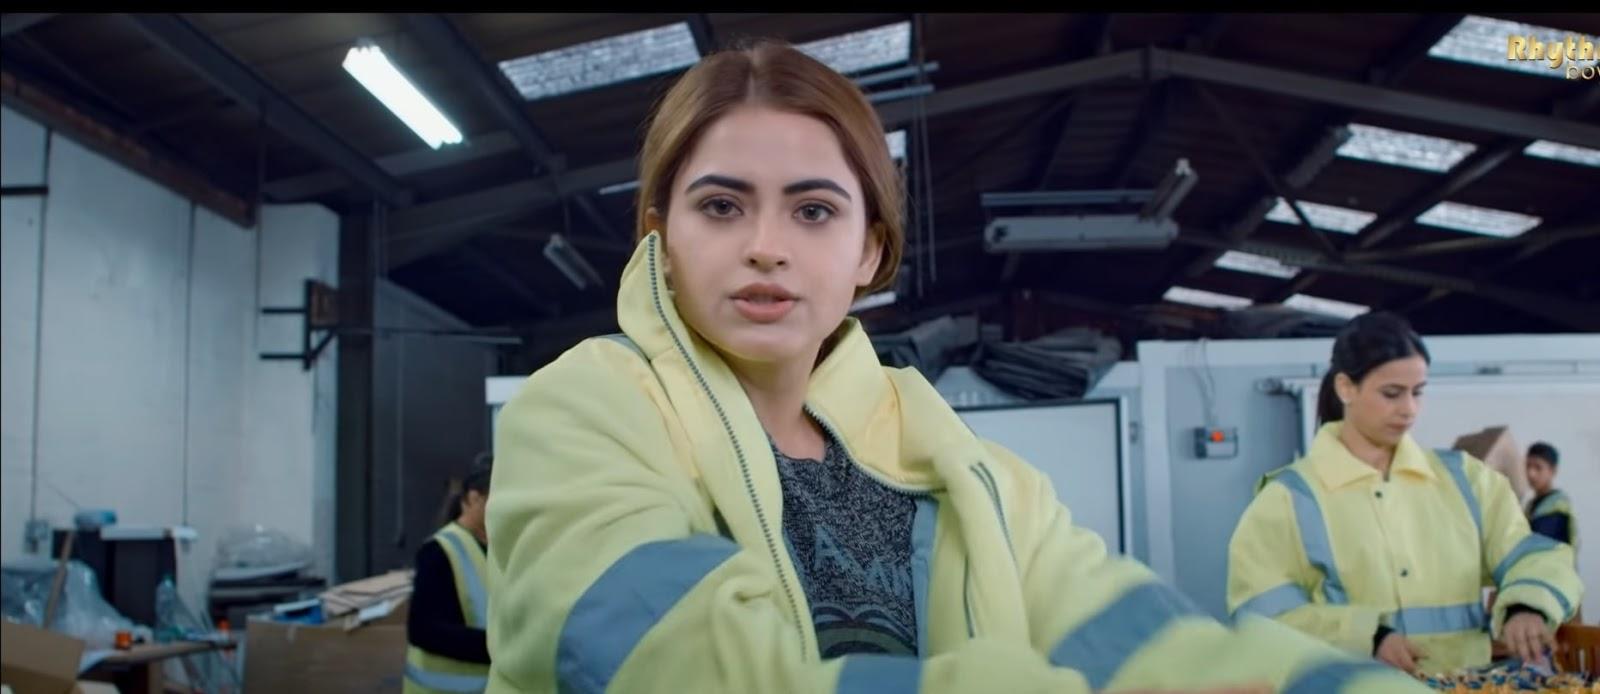 Chal Mera Putt 2 movie download